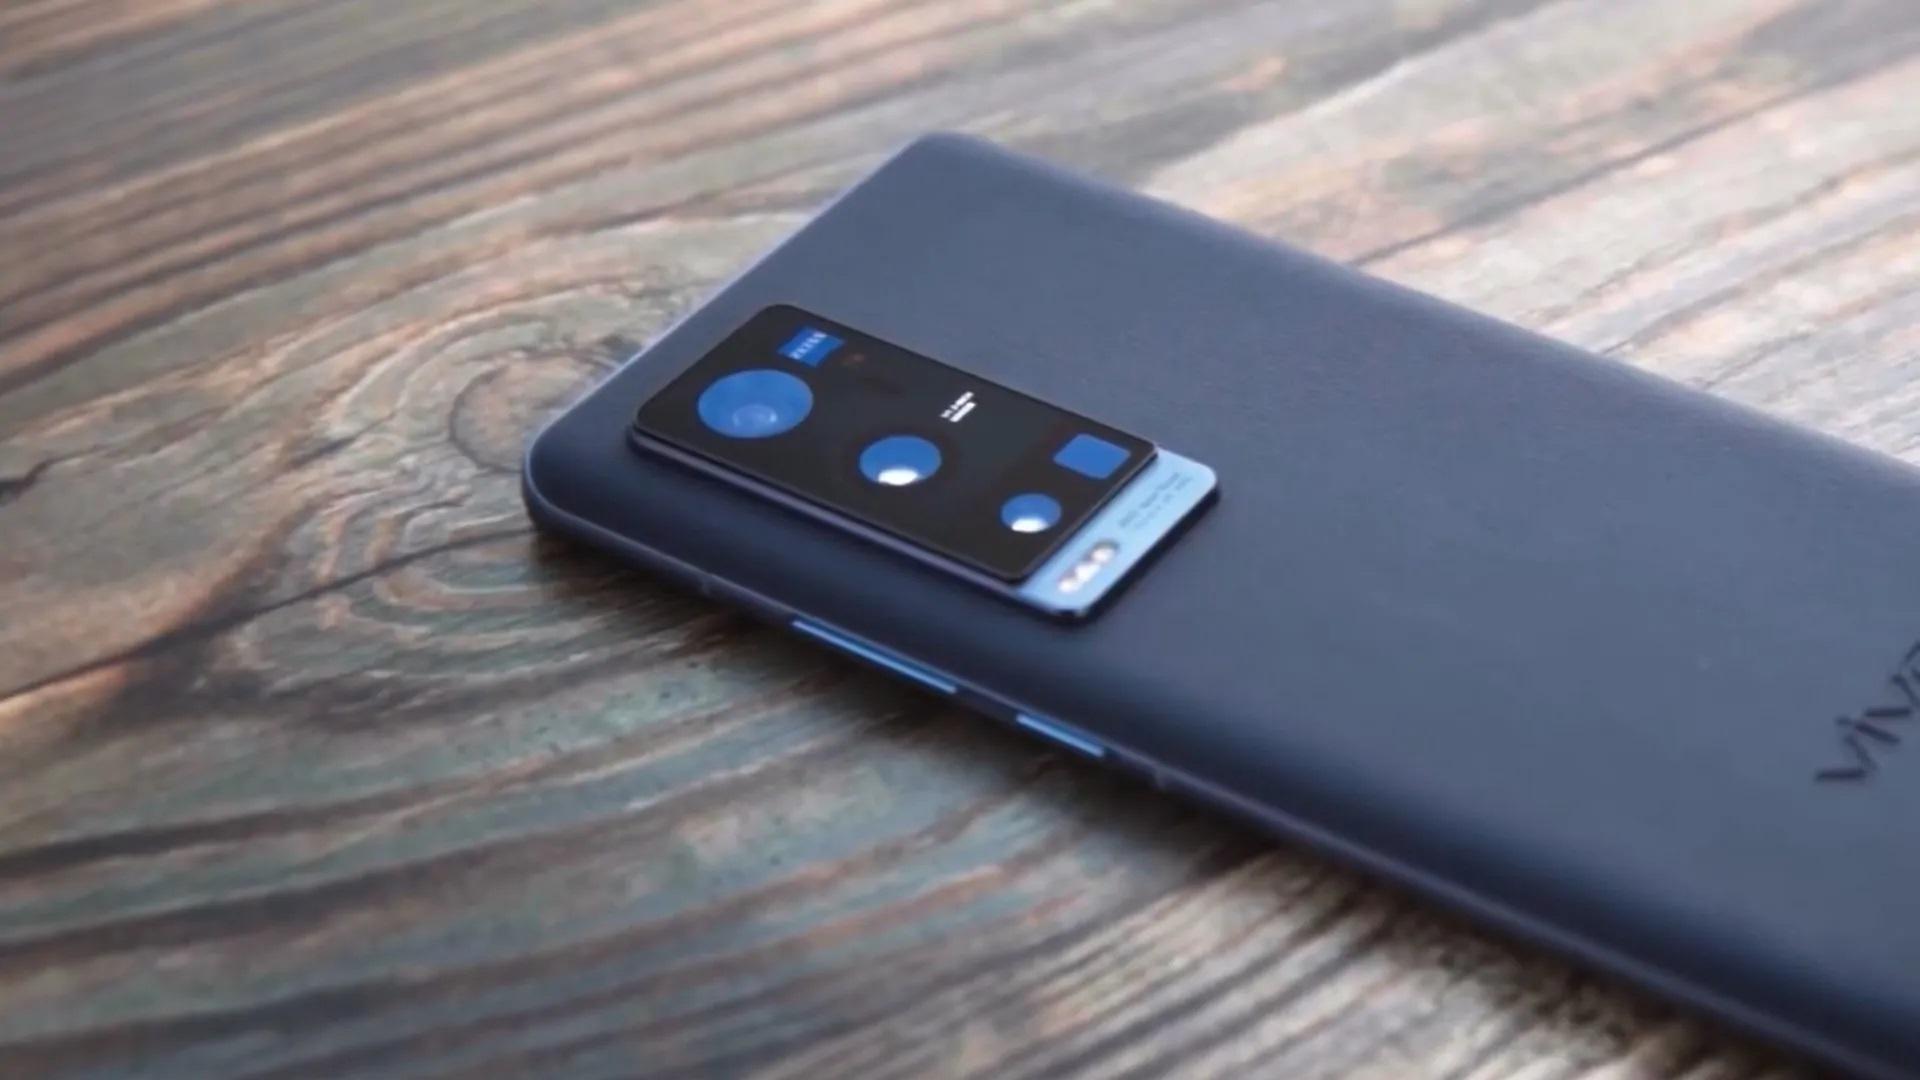 Слух: Vivo X70 Pro представят через 5 месяцев после Vivo X60 Pro